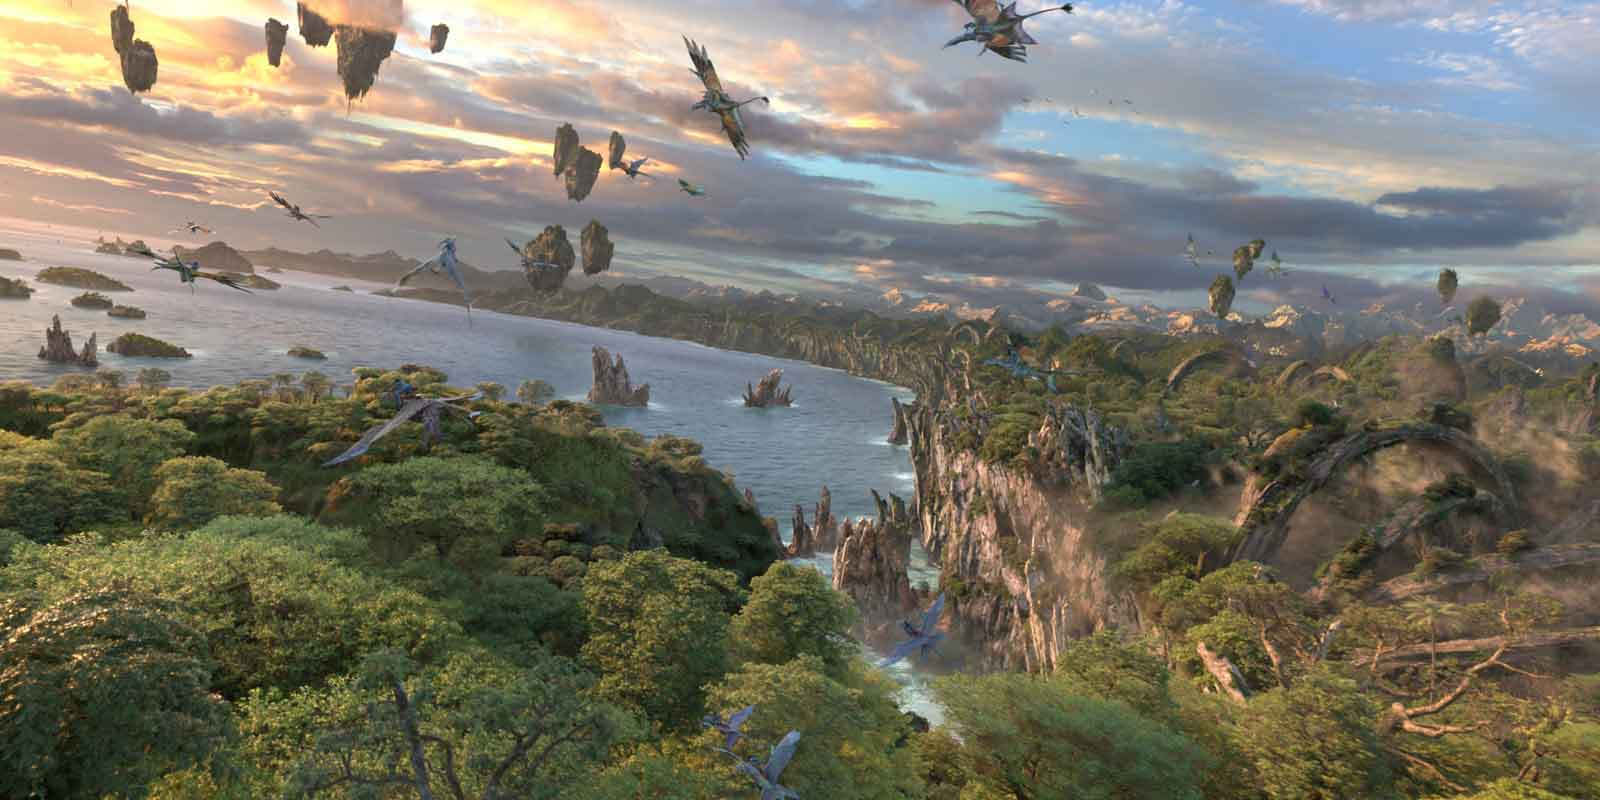 Still from Animal Kingdom's Flight of Passage simulator ride.